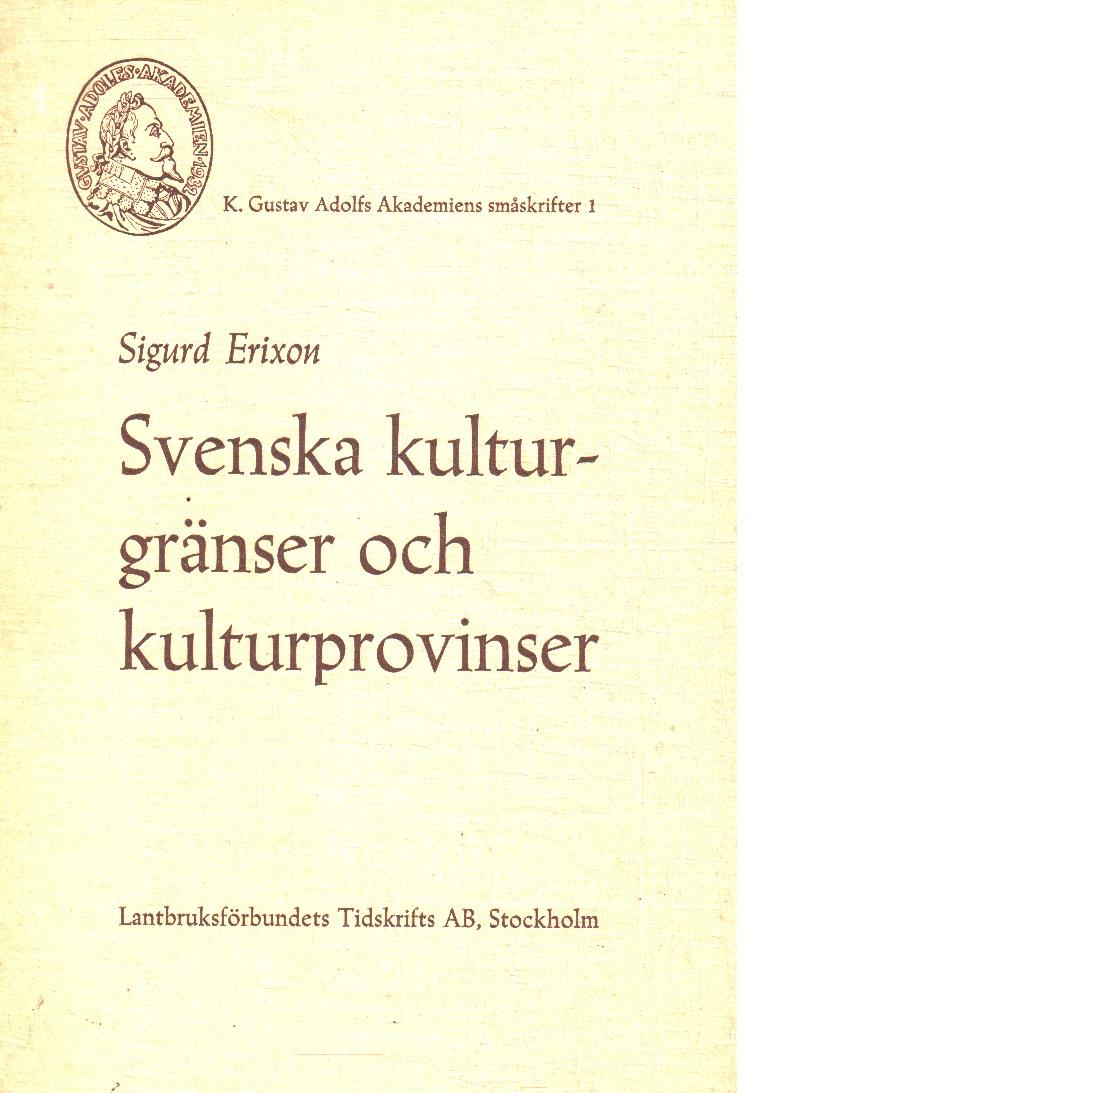 Svenska kulturgränser och kulturprovinser - Erixon, Sigurd